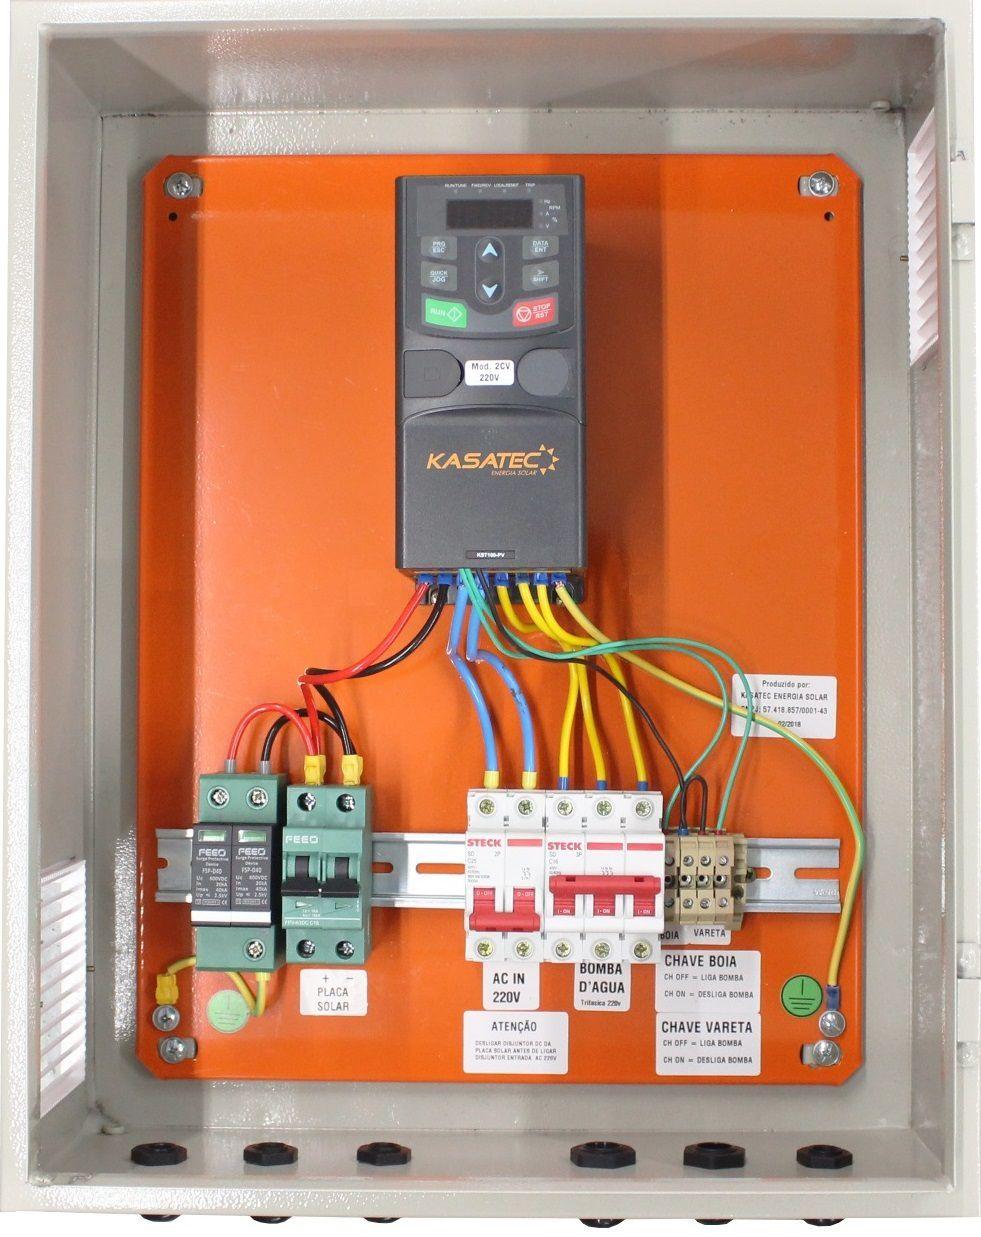 Quadro Elétrico com Inversor Solar para Bomba até 1,5cv/ Trif 220V    - Kasatec Energia Solar